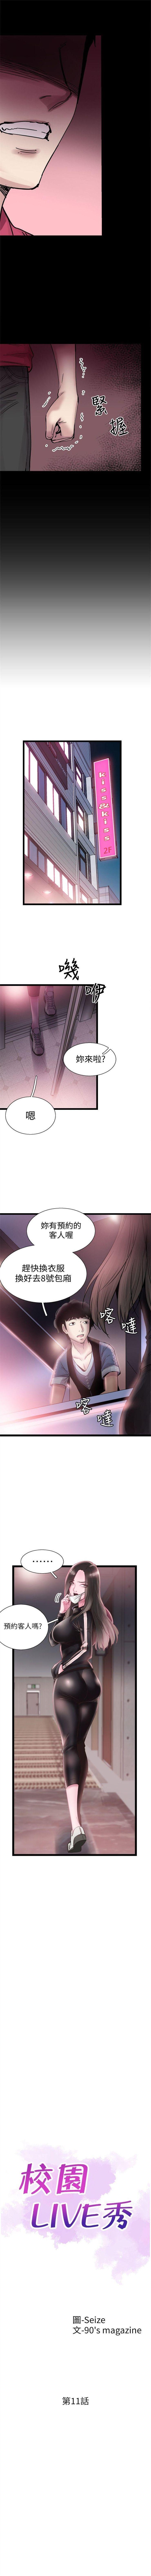 校园live秀 1-20 中文翻译(更新中) 78